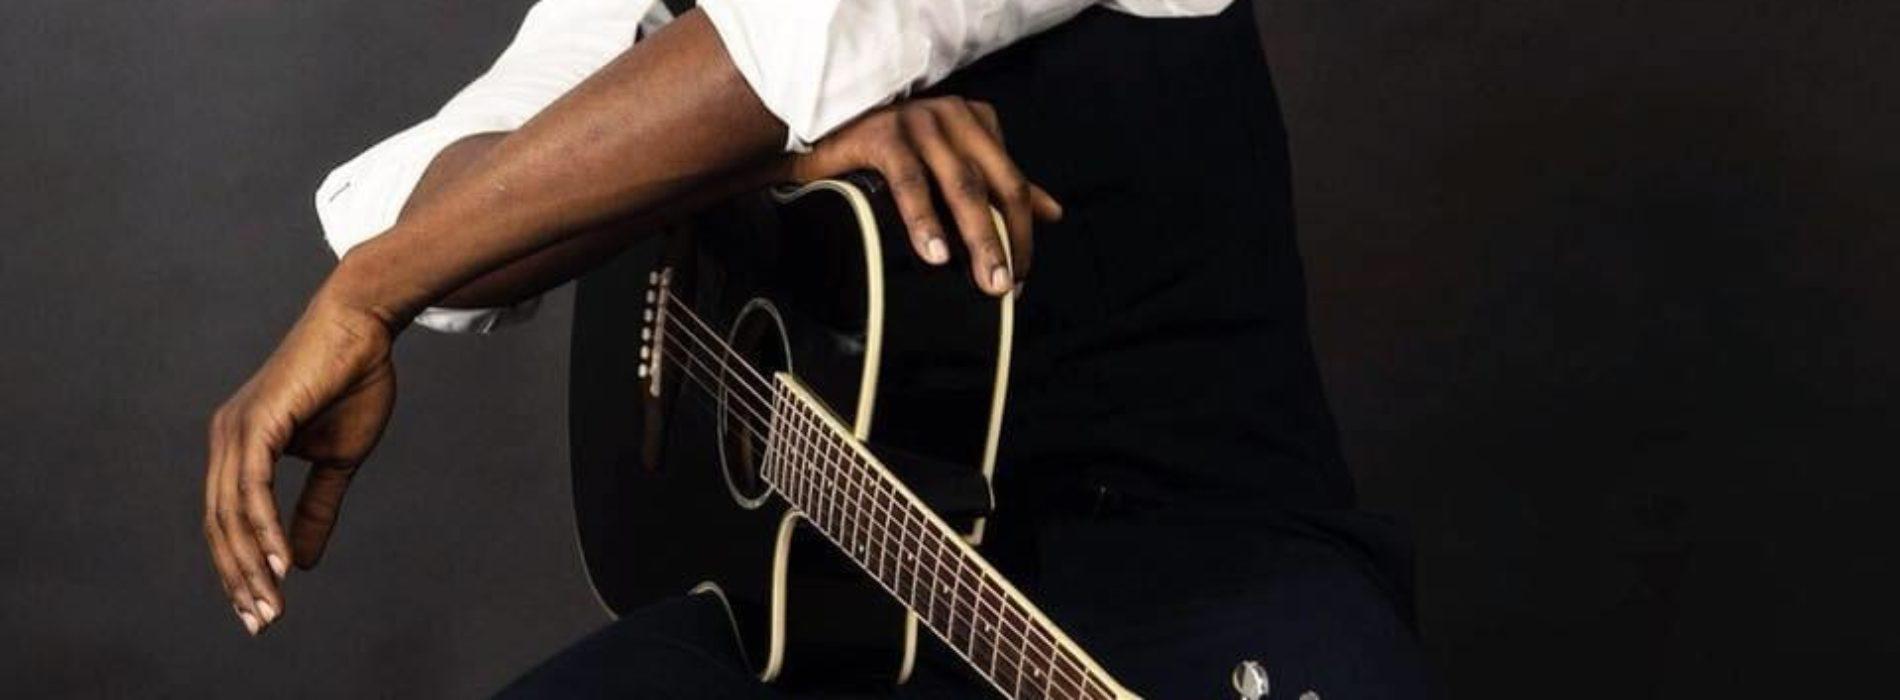 """L'album """" Sans Le Bandeau"""" SenSey' – Jamais / Parano / DLP (feat. Lylah) / J'avoue, j'avoue (feat. Hiro) / Je t'aime / Trop loin (feat. Wilson) / Où aller (feat. Bolémvn) / Toute la nuit /Rappelle-moi – Février 2020"""